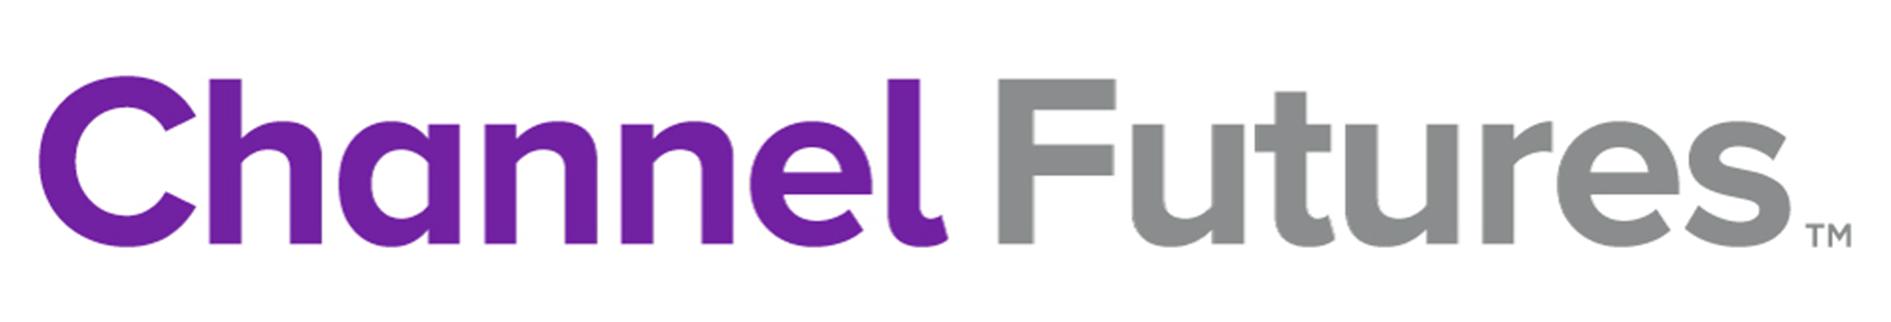 channelfutures.com Logo